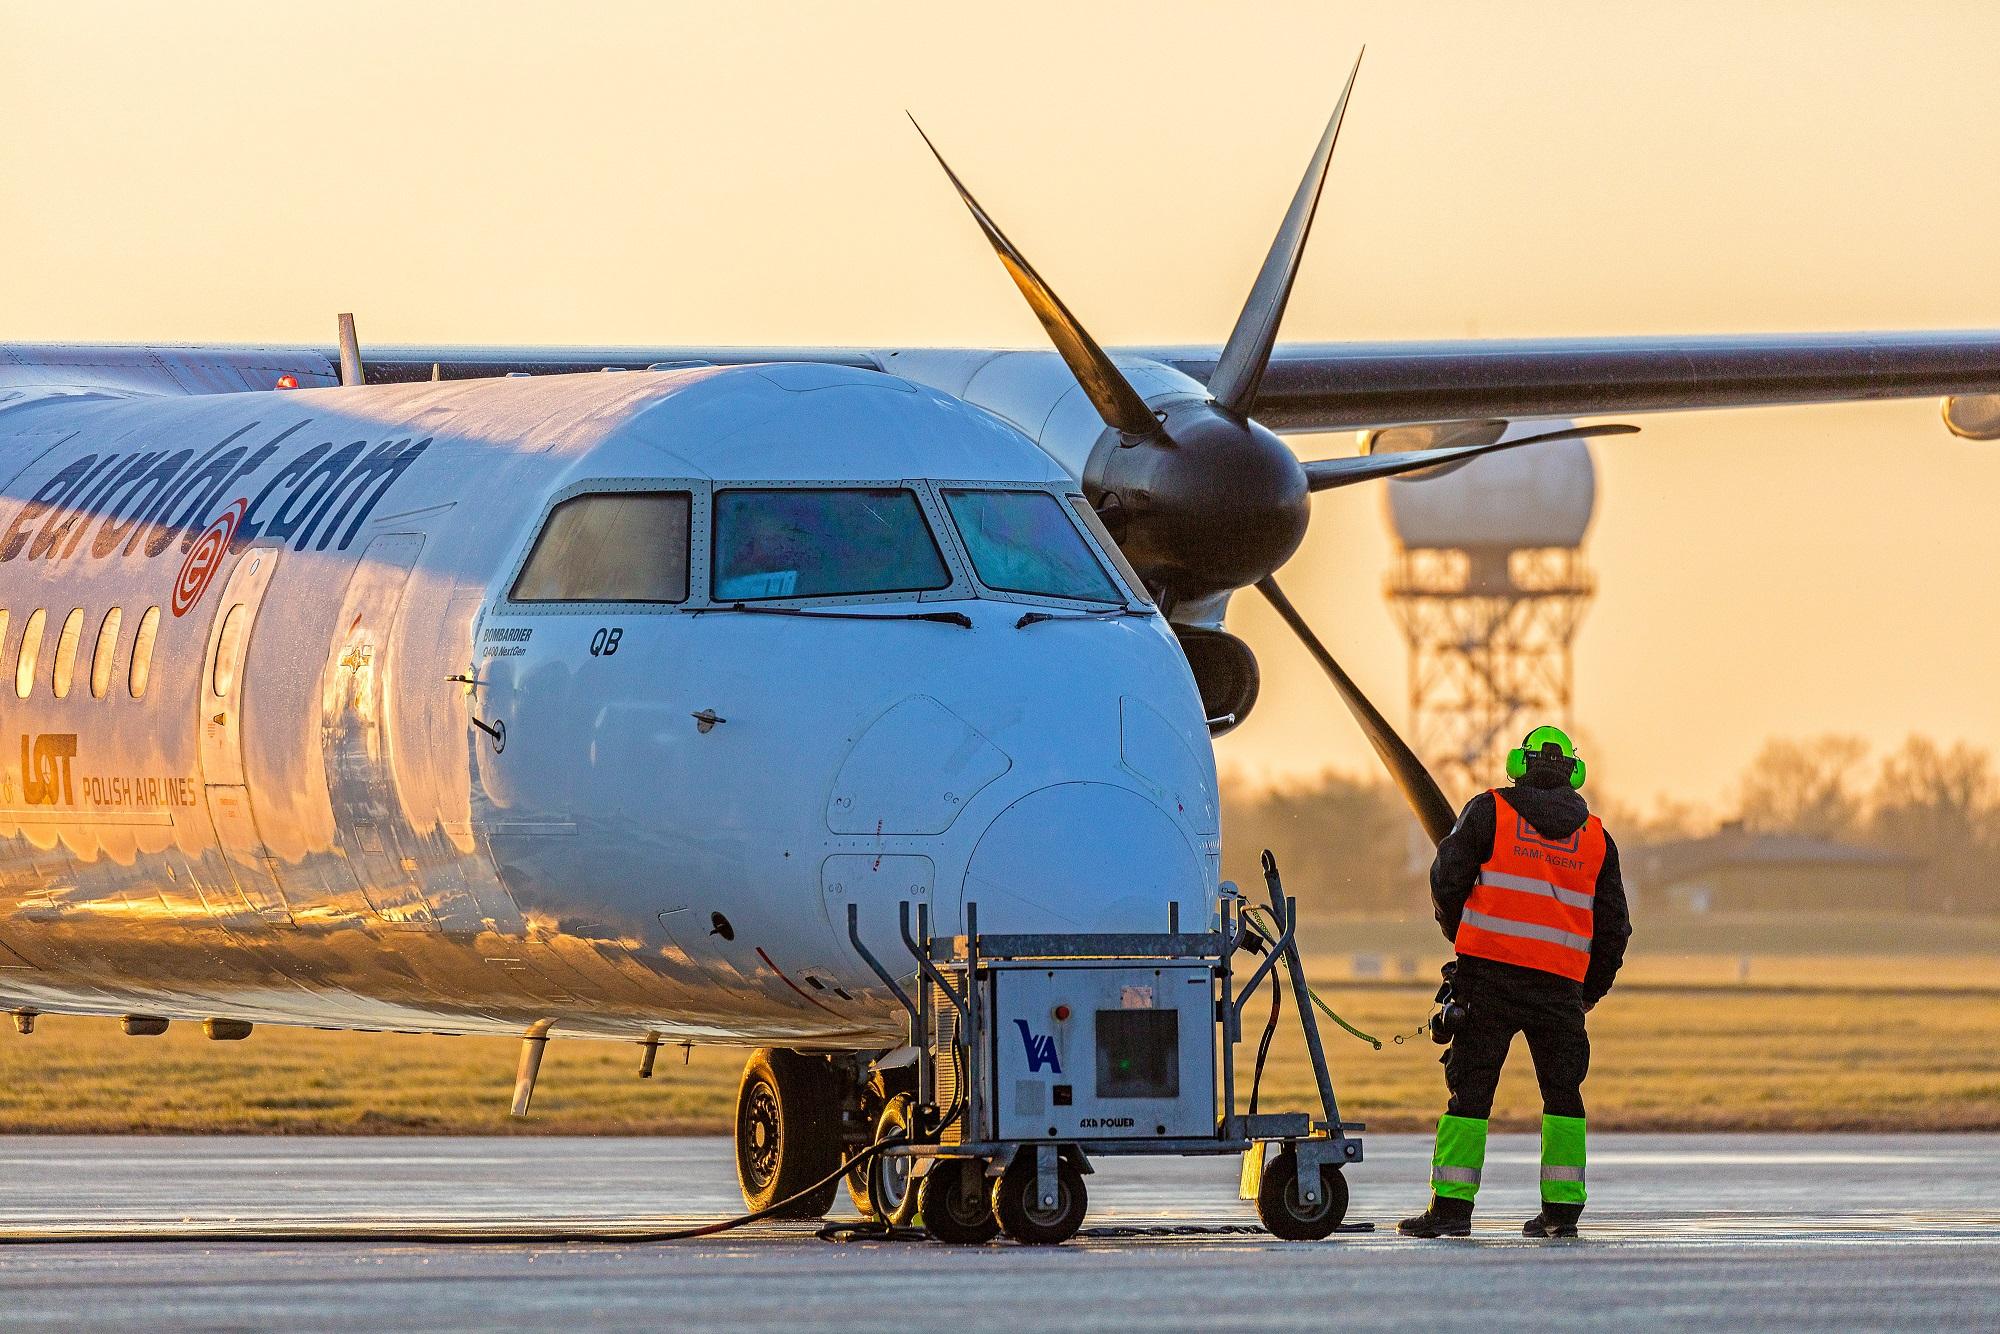 Punktualiausiųjų pasaulyje sąraše atsidūrę Lietuvos oro uostai paaiškino, kodėl kartais vėluoja lėktuvai